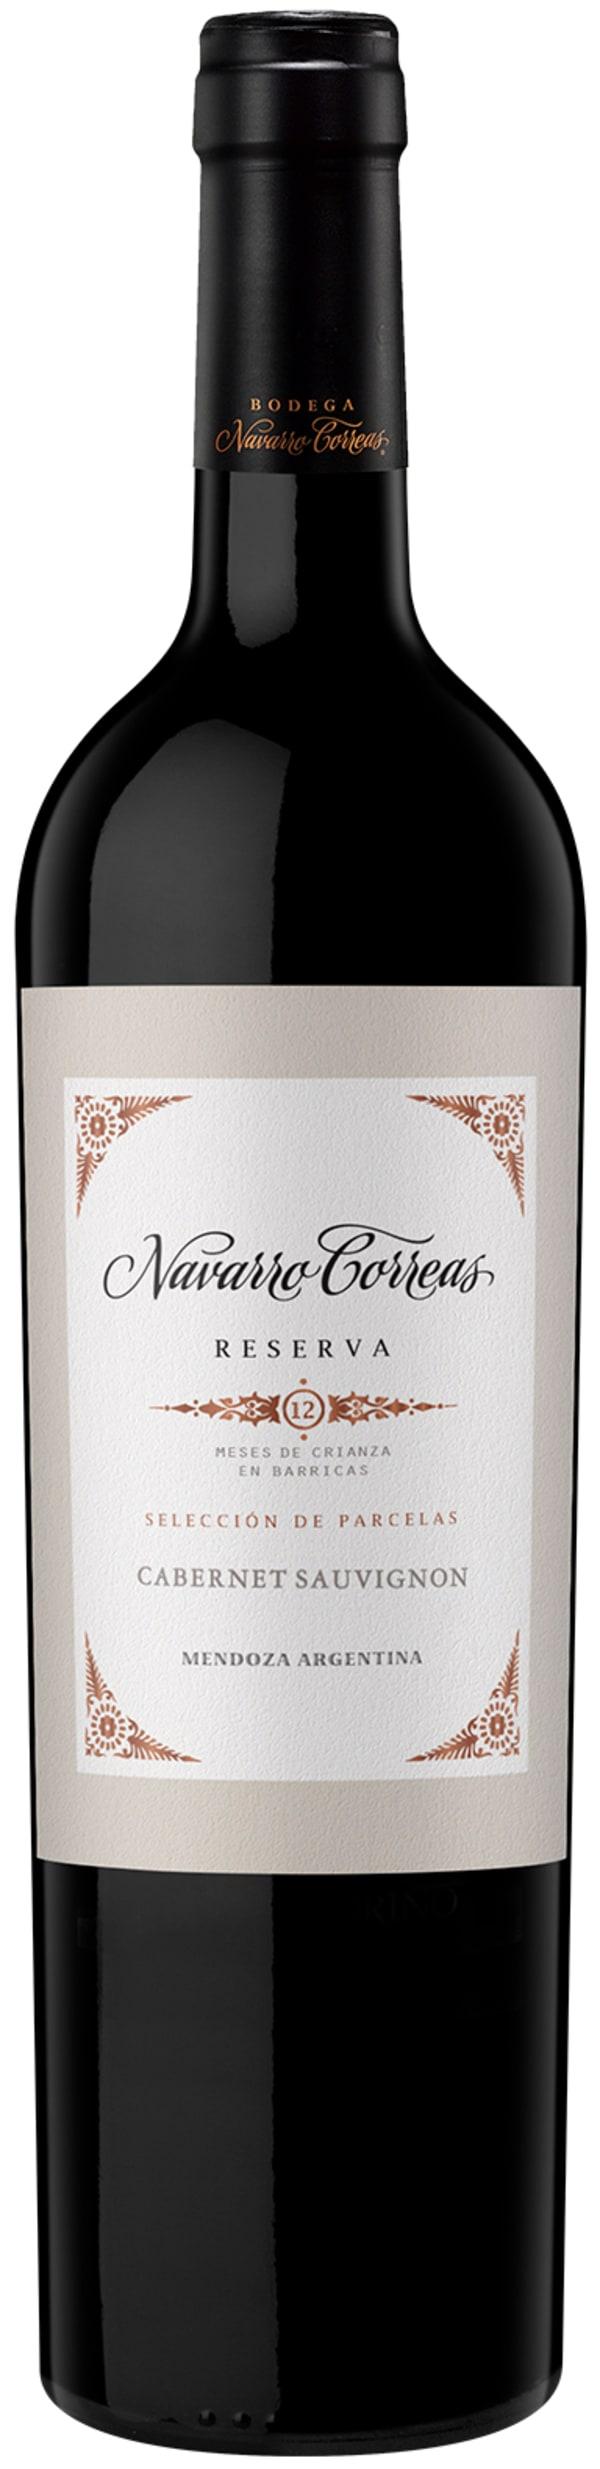 Navarro Correas Reserve Cabernet Sauvignon 2016